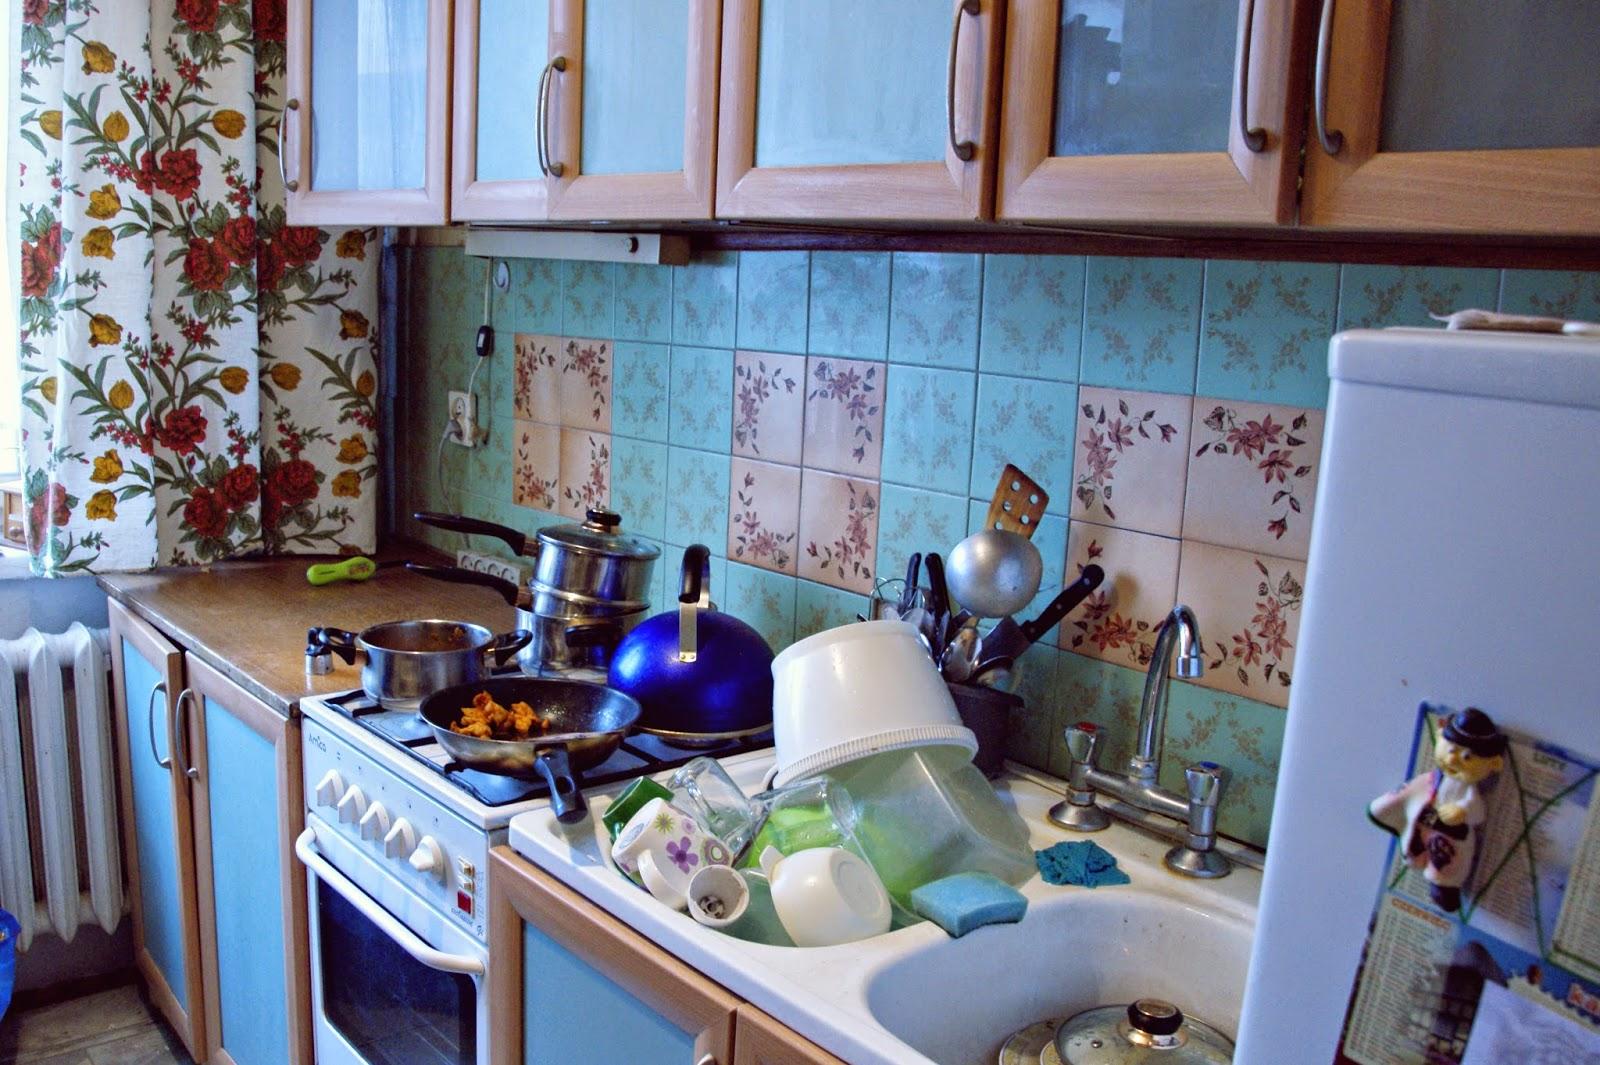 Nowa stara kuchnia za 550 zł  Czerwona Sukienka  Blogi Modowe -> Stara Kuchnia Kaflowa Cena